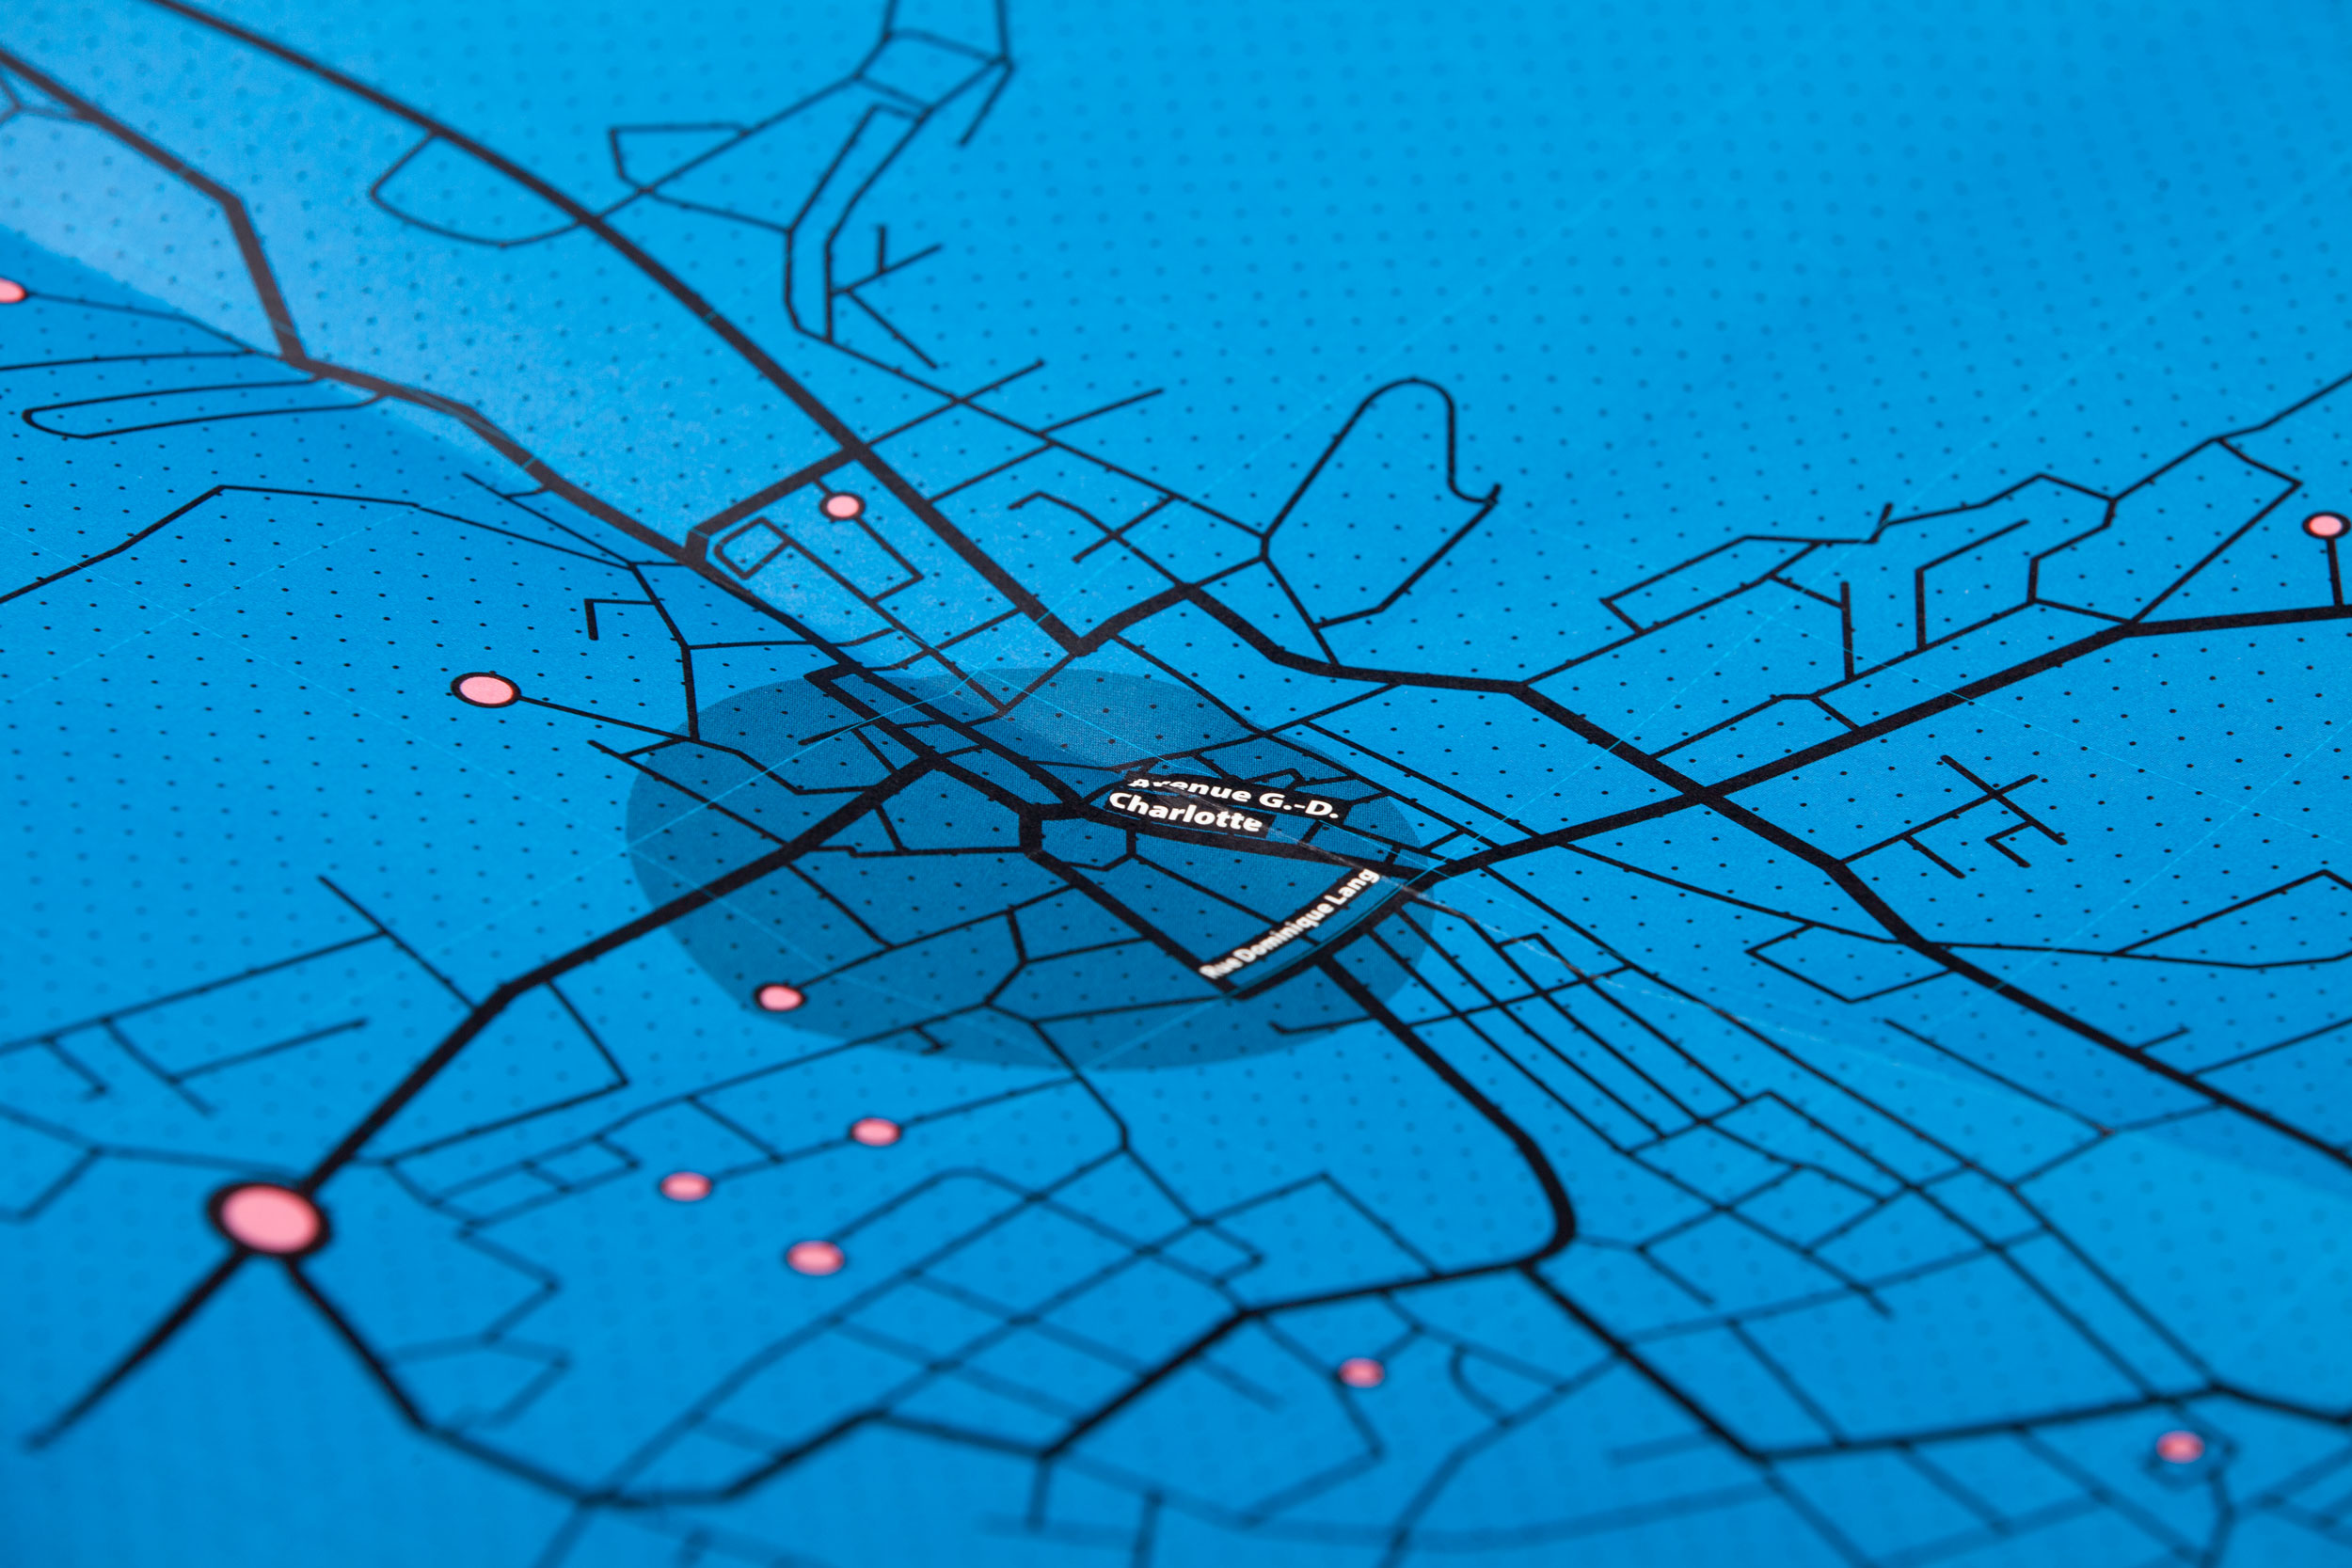 Düdelingen Map